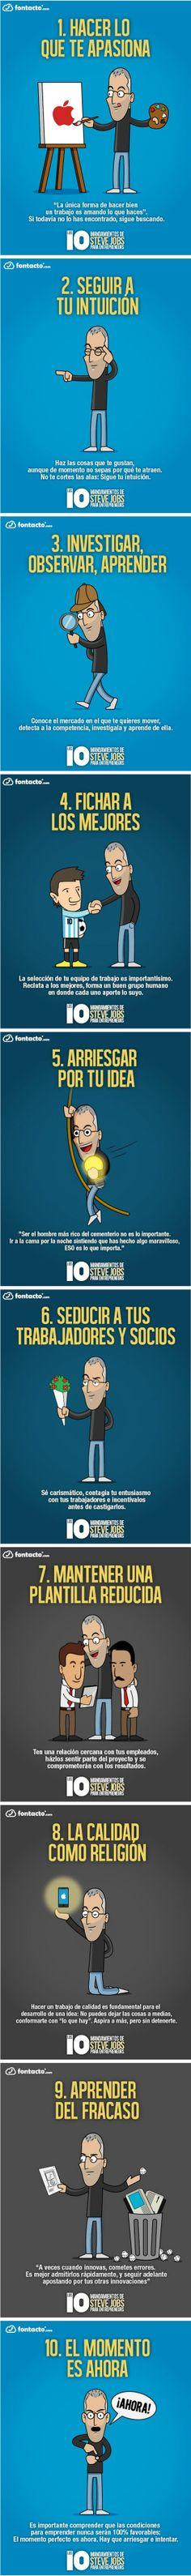 Infografía en español que muestra los 10 mandamientos de Steve Jobs para #emprendedores